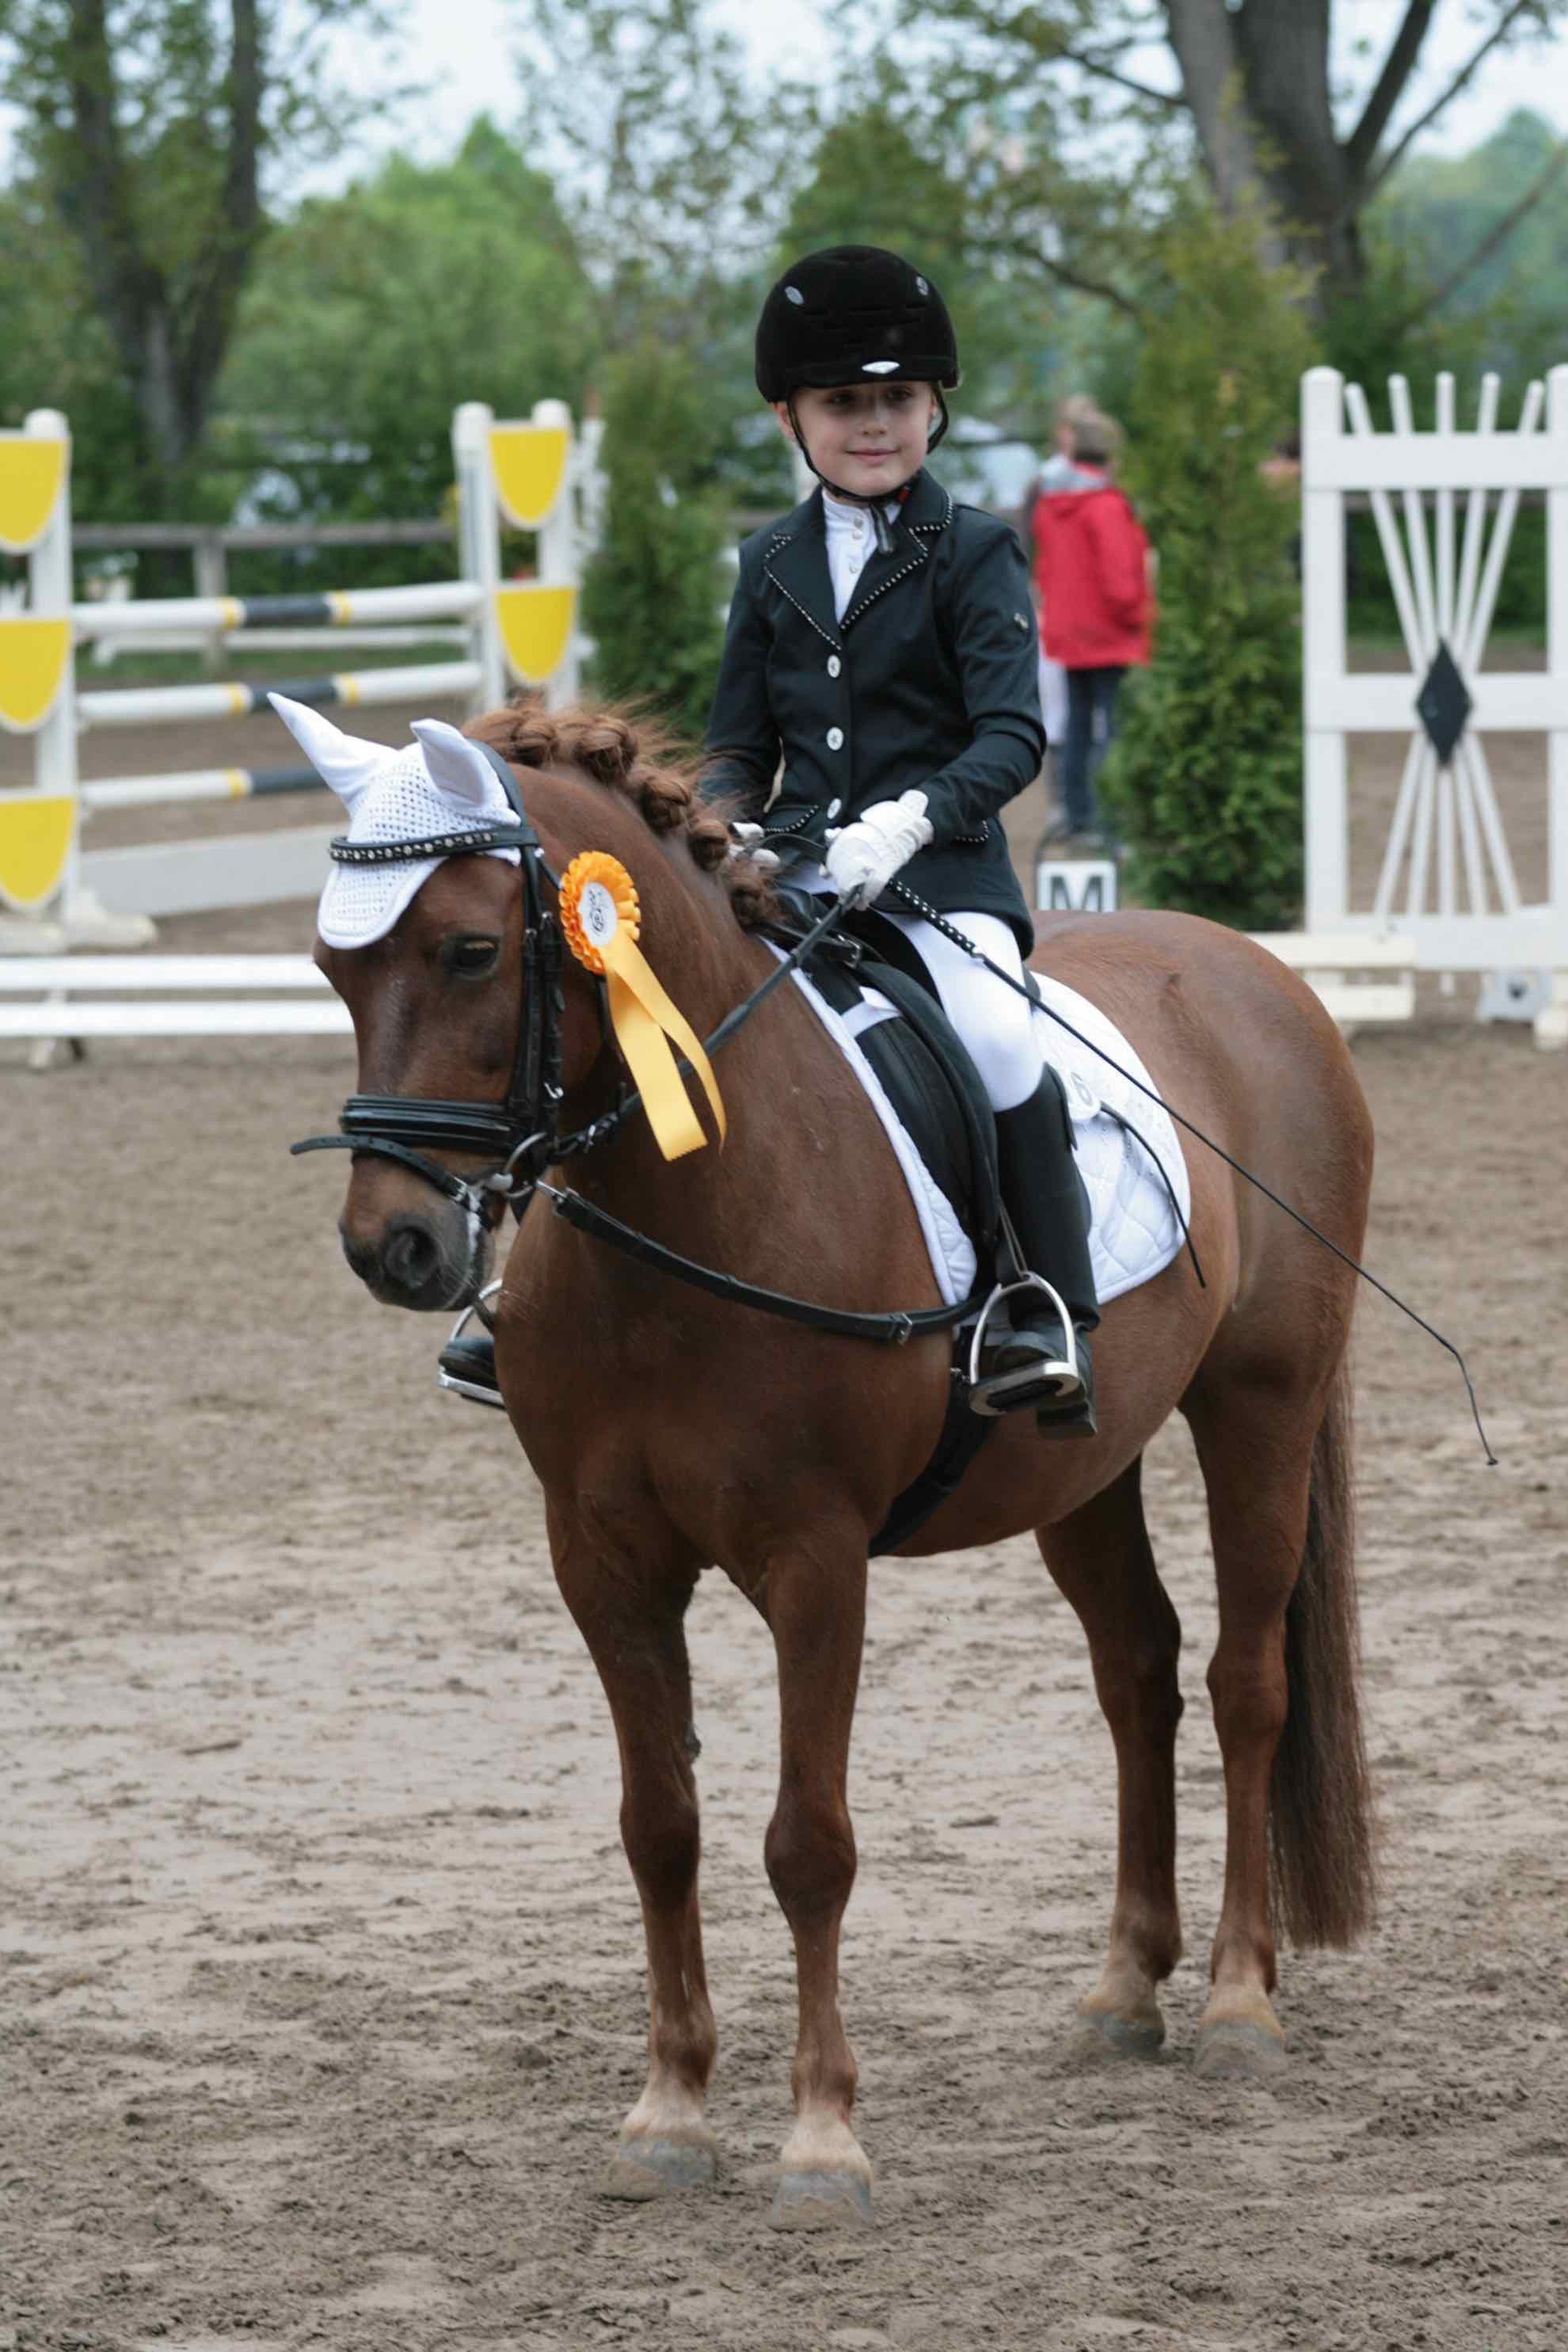 Prüfung 28/3 Reiterwettbewerb für Ponys - 1. Platz - Yara Nowka auf Zeus 77 - RFV Trebur e.V.